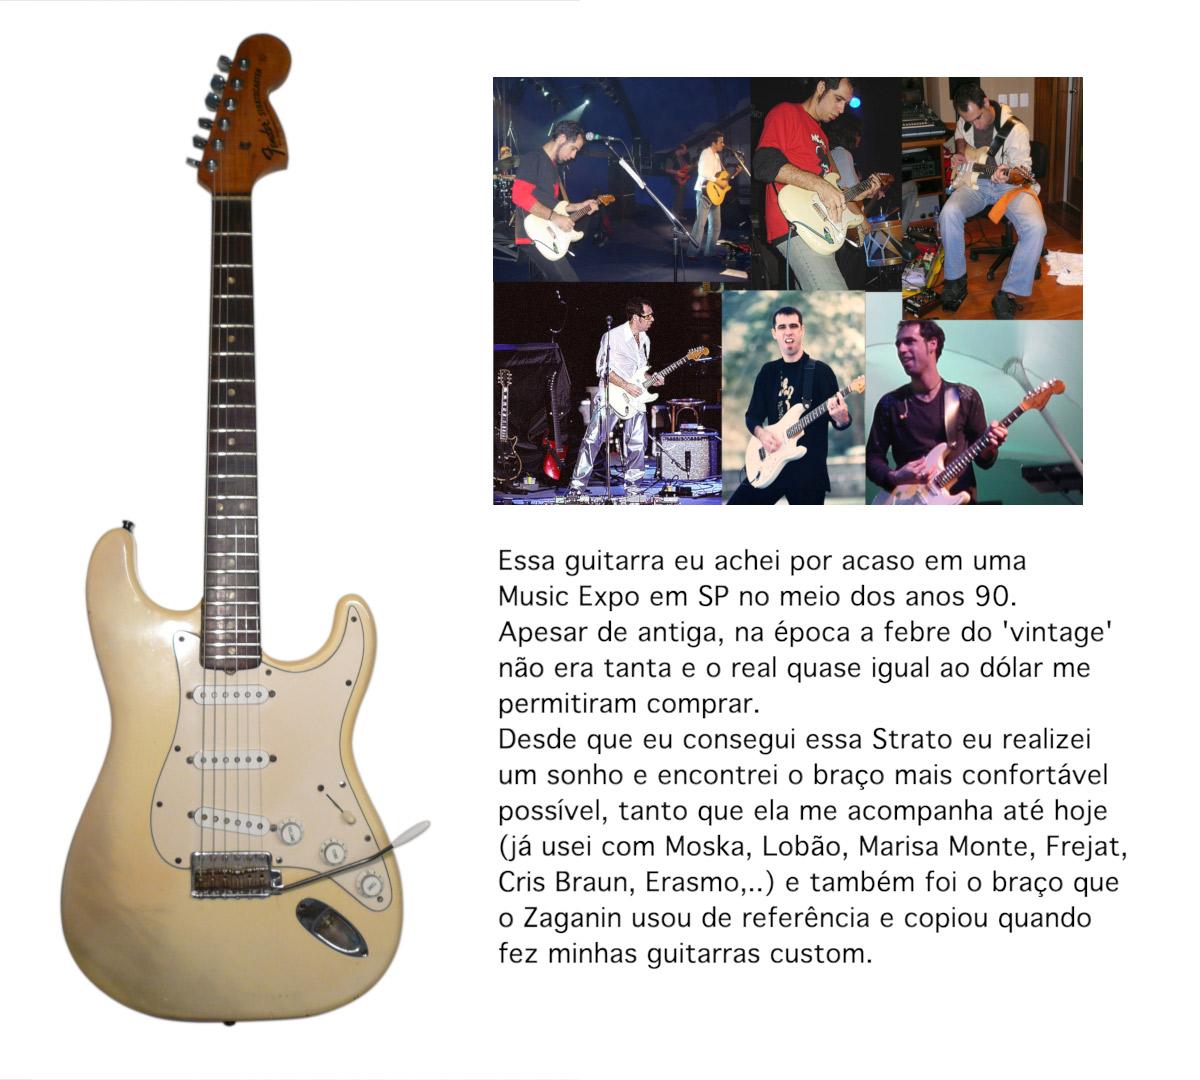 Essa guitarra eu achei por acaso em uma Music Expo em SP no meio dos anos 90. Apesar de antiga, na época a febre do 'vintage' não era tanta e o real quase igual ao dólar me permitiram comprar. Desde que eu consegui essa Strato eu realizei um sonho e encontrei o braço mais confortável possível, tanto que ela me acompanha até hoje (já usei com Moska, Lobão, Marisa Monte, Frejat, Cris Braun, Erasmo,..) e também foi o braço que o Zaganin usou de referência e copiou quando fez minhas guitarras custom.